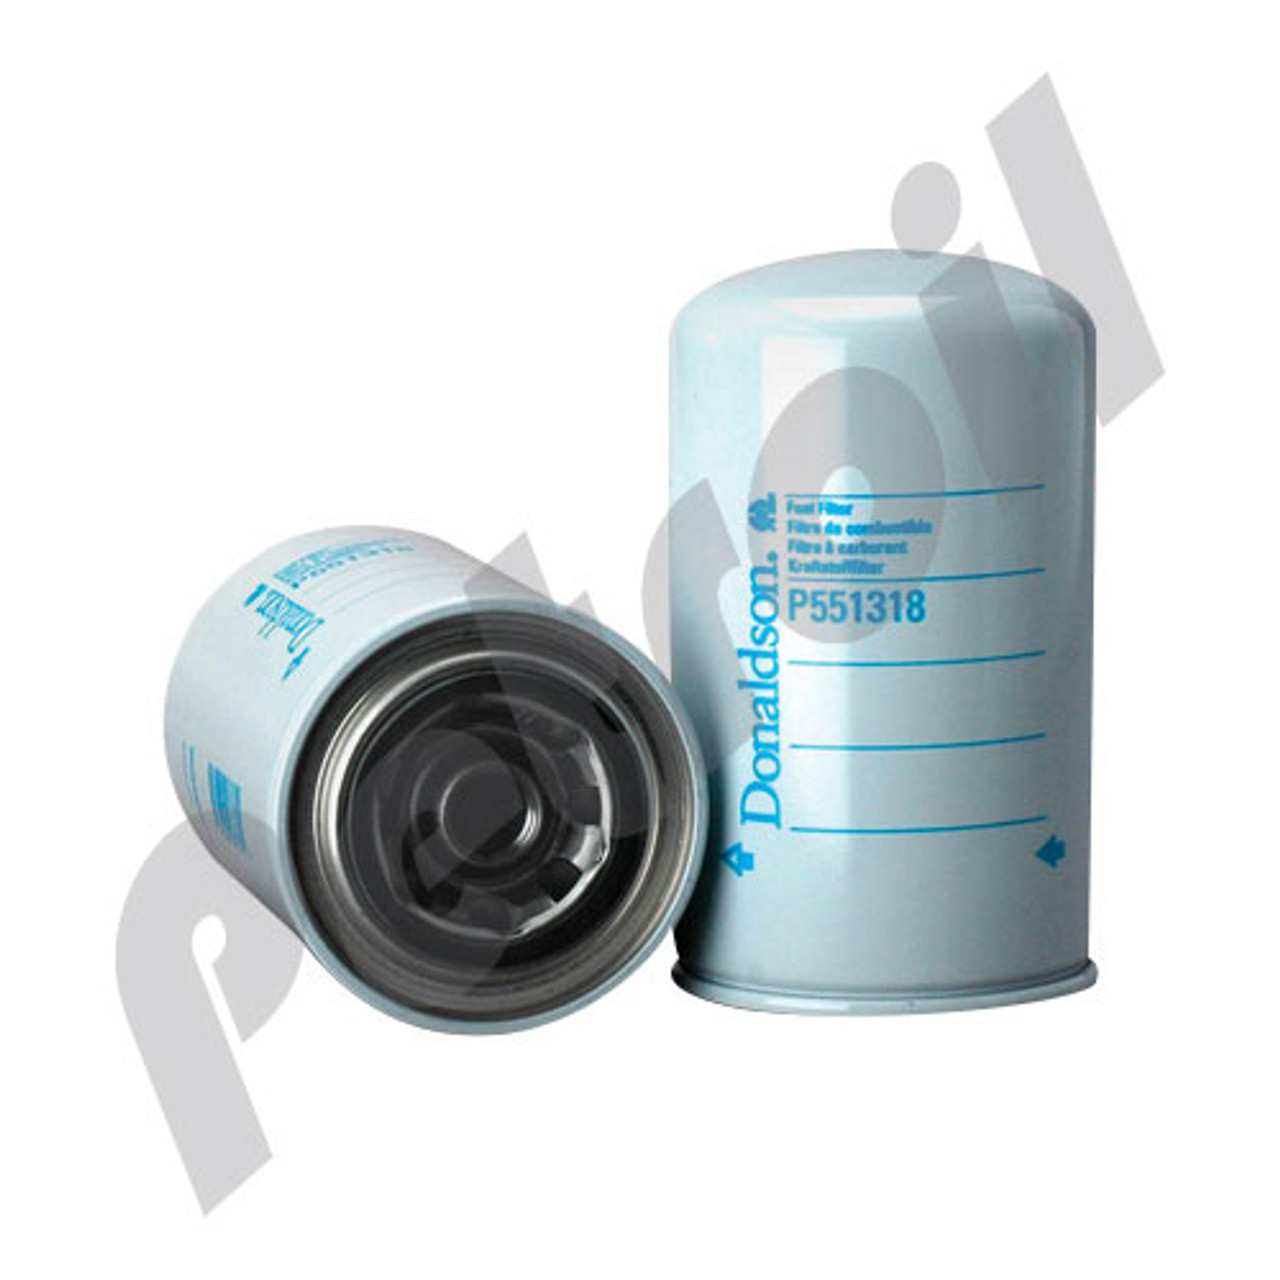 Navistar Fuel Filter on